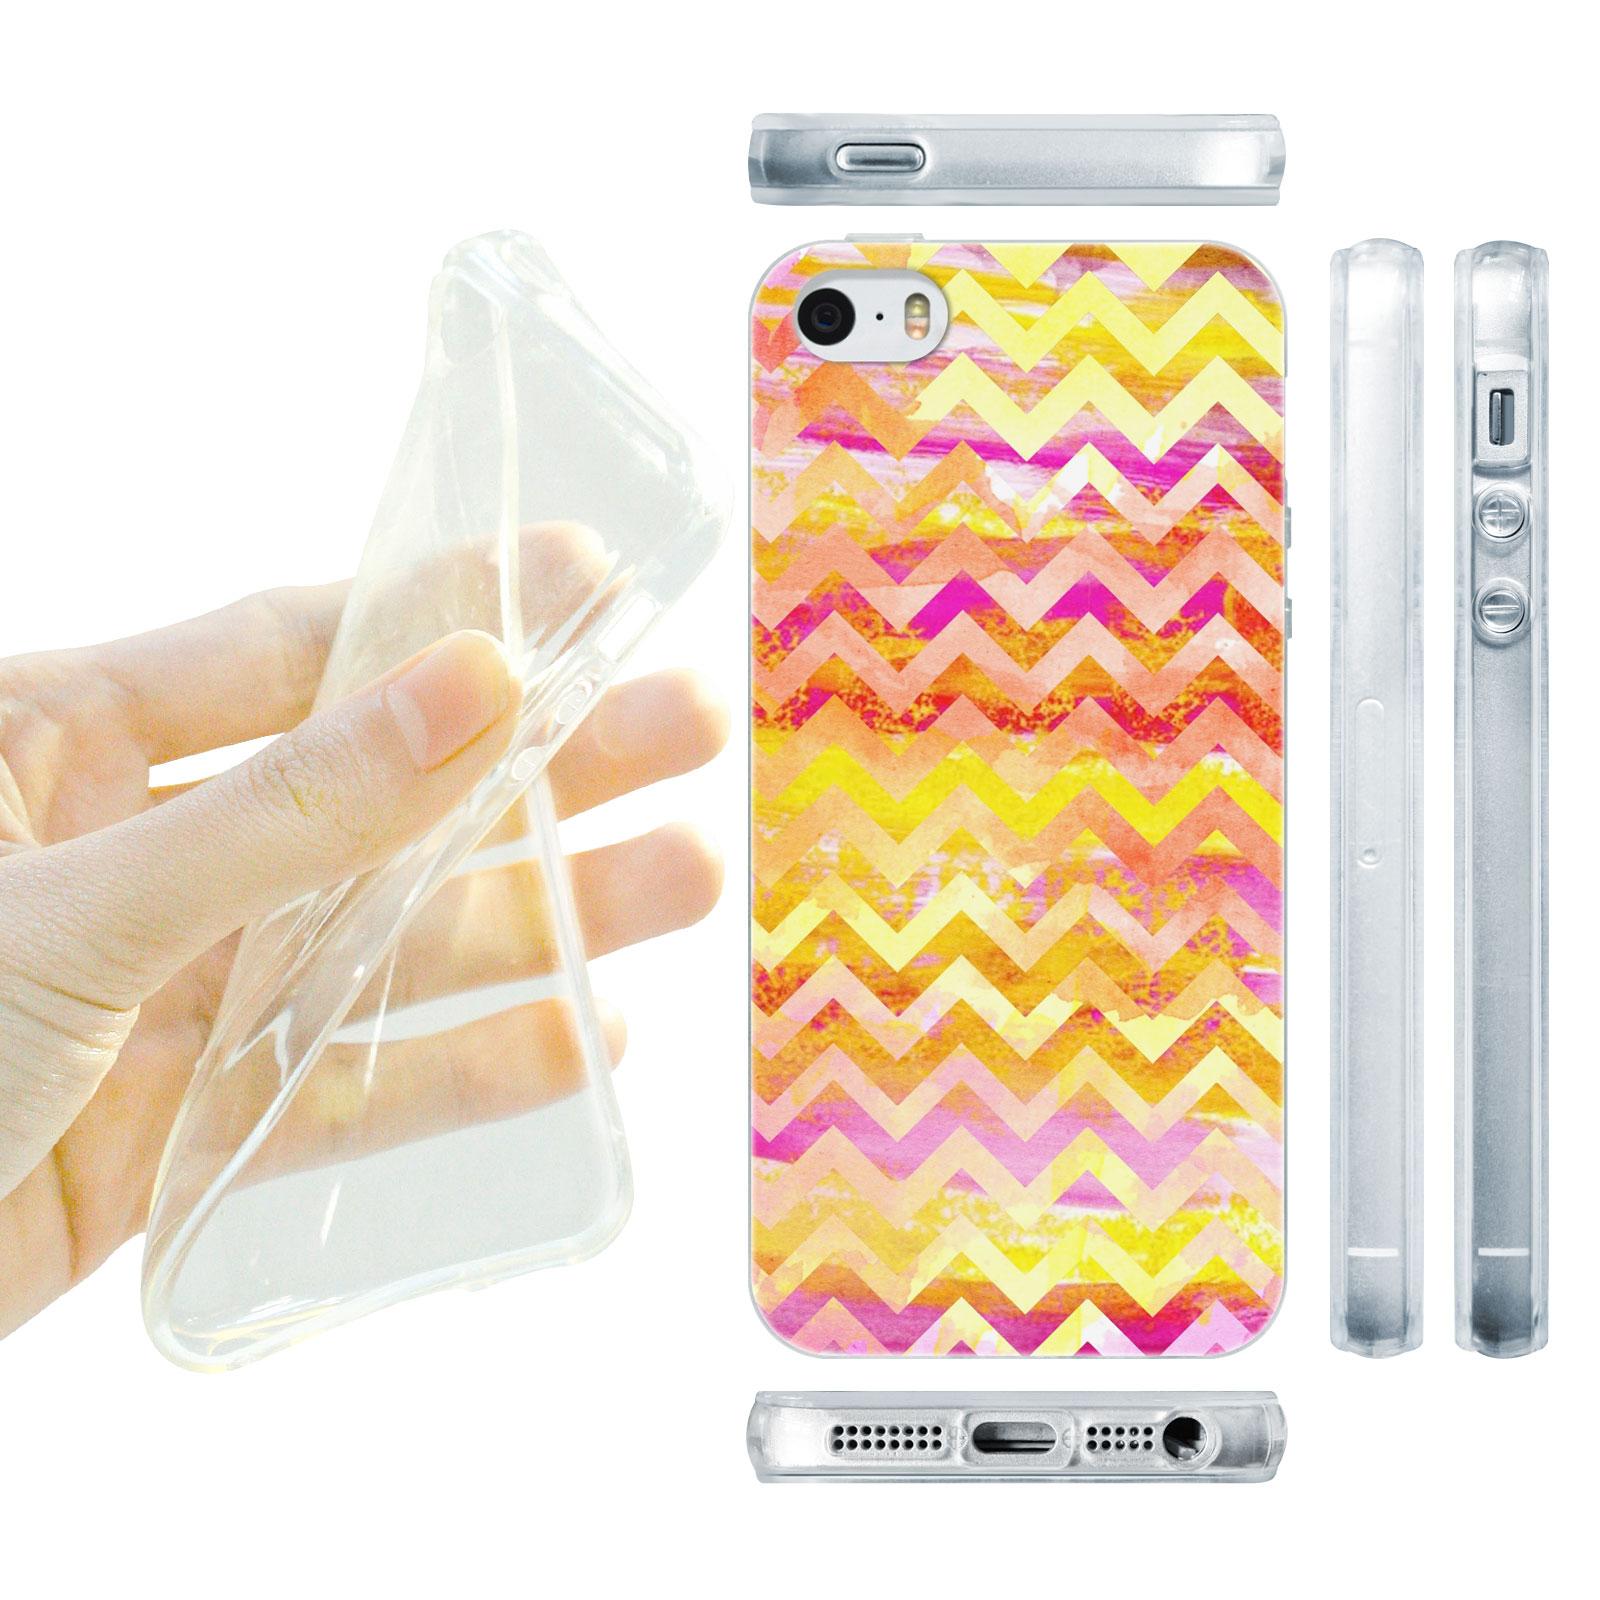 HEAD CASE silikonový obal na mobil Iphone 5/5S proužky žlutá barva